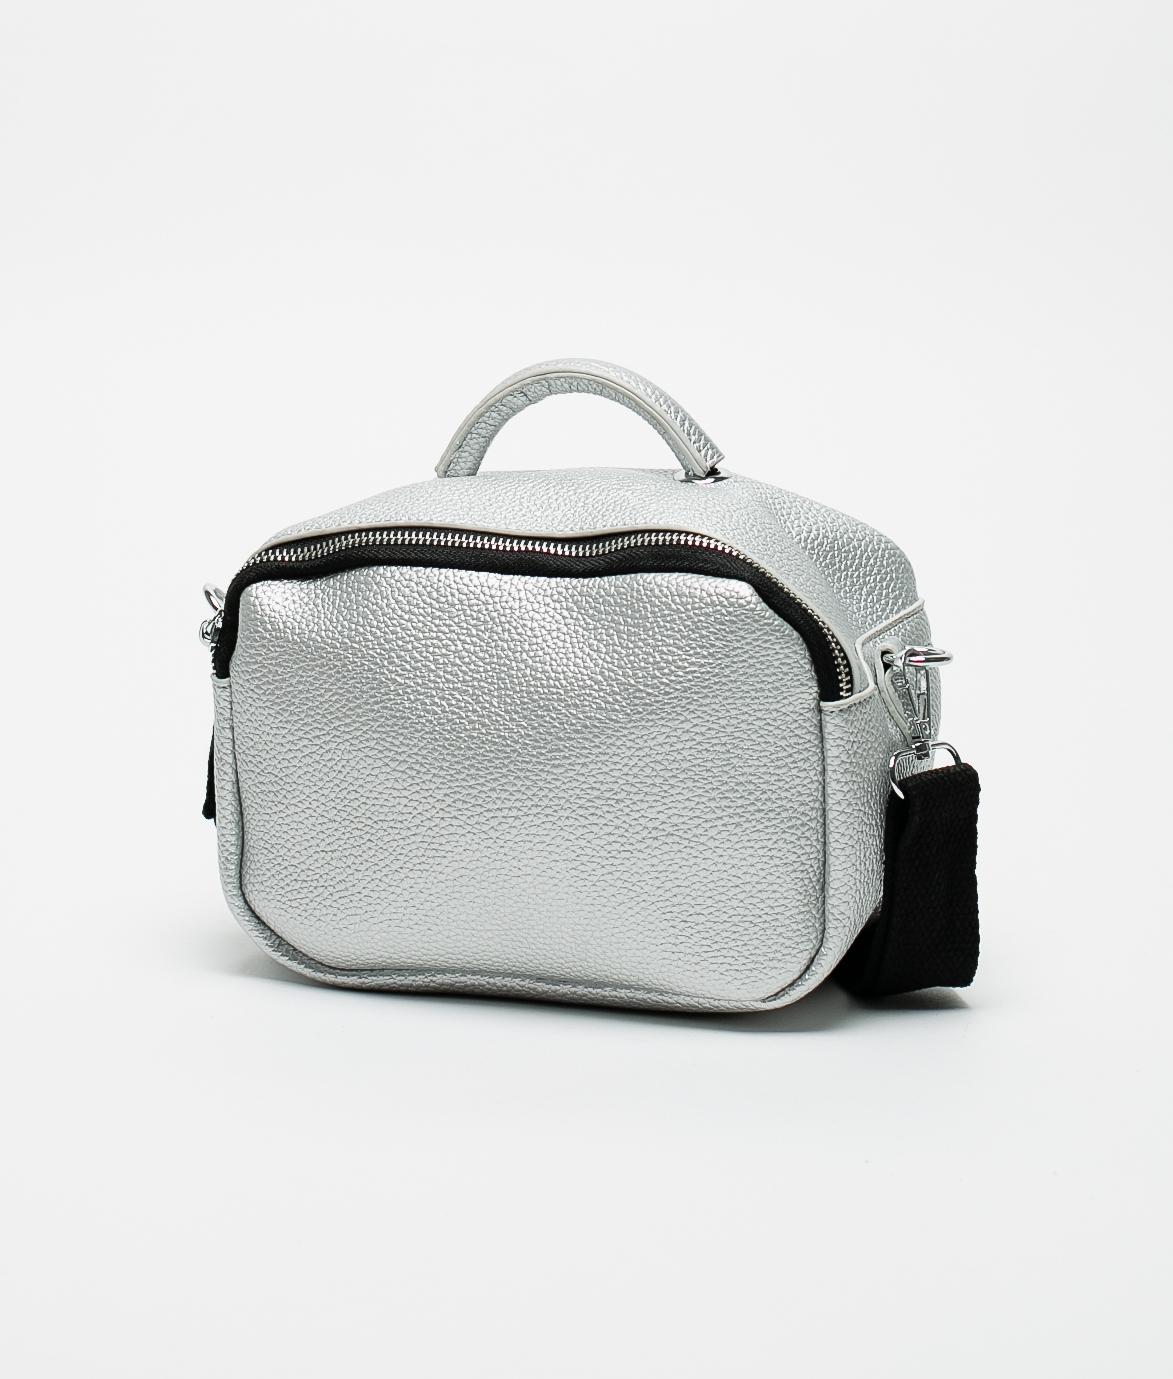 Buba shoulder bag - silver